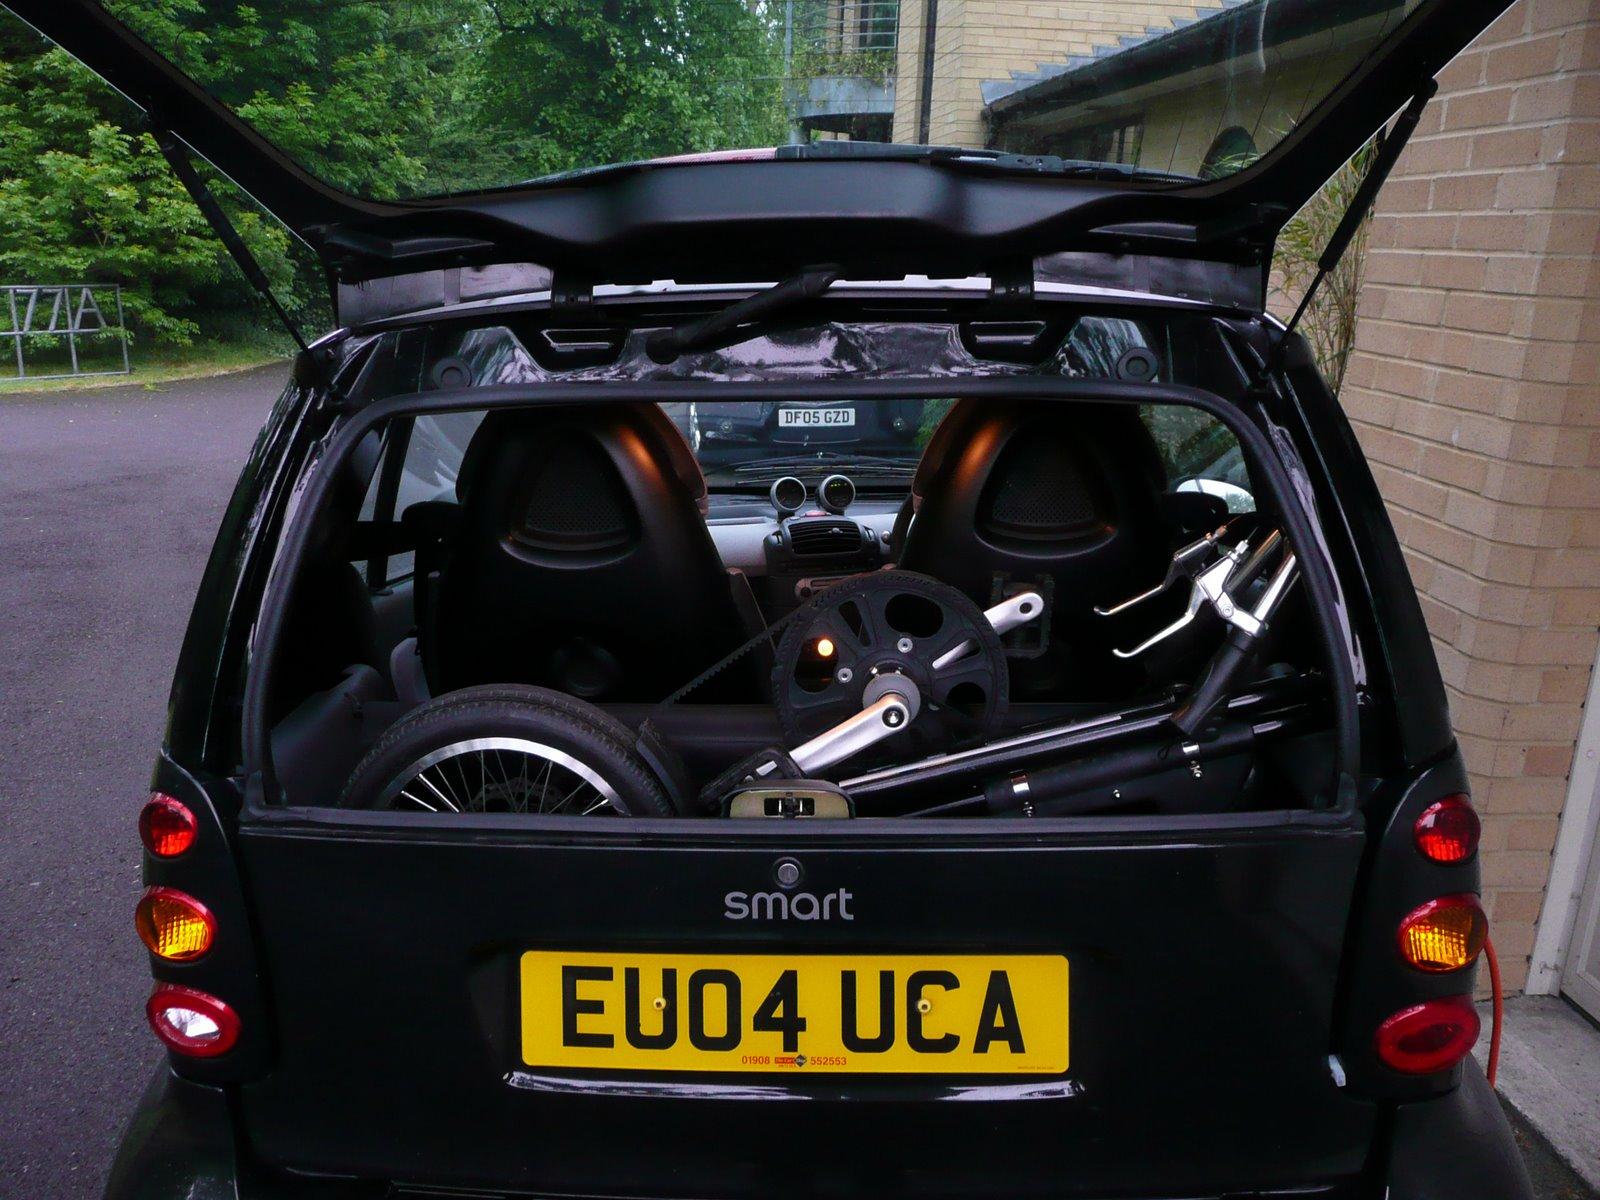 Smart - Bicycle Transporter (it can take 3 Strida bikes)